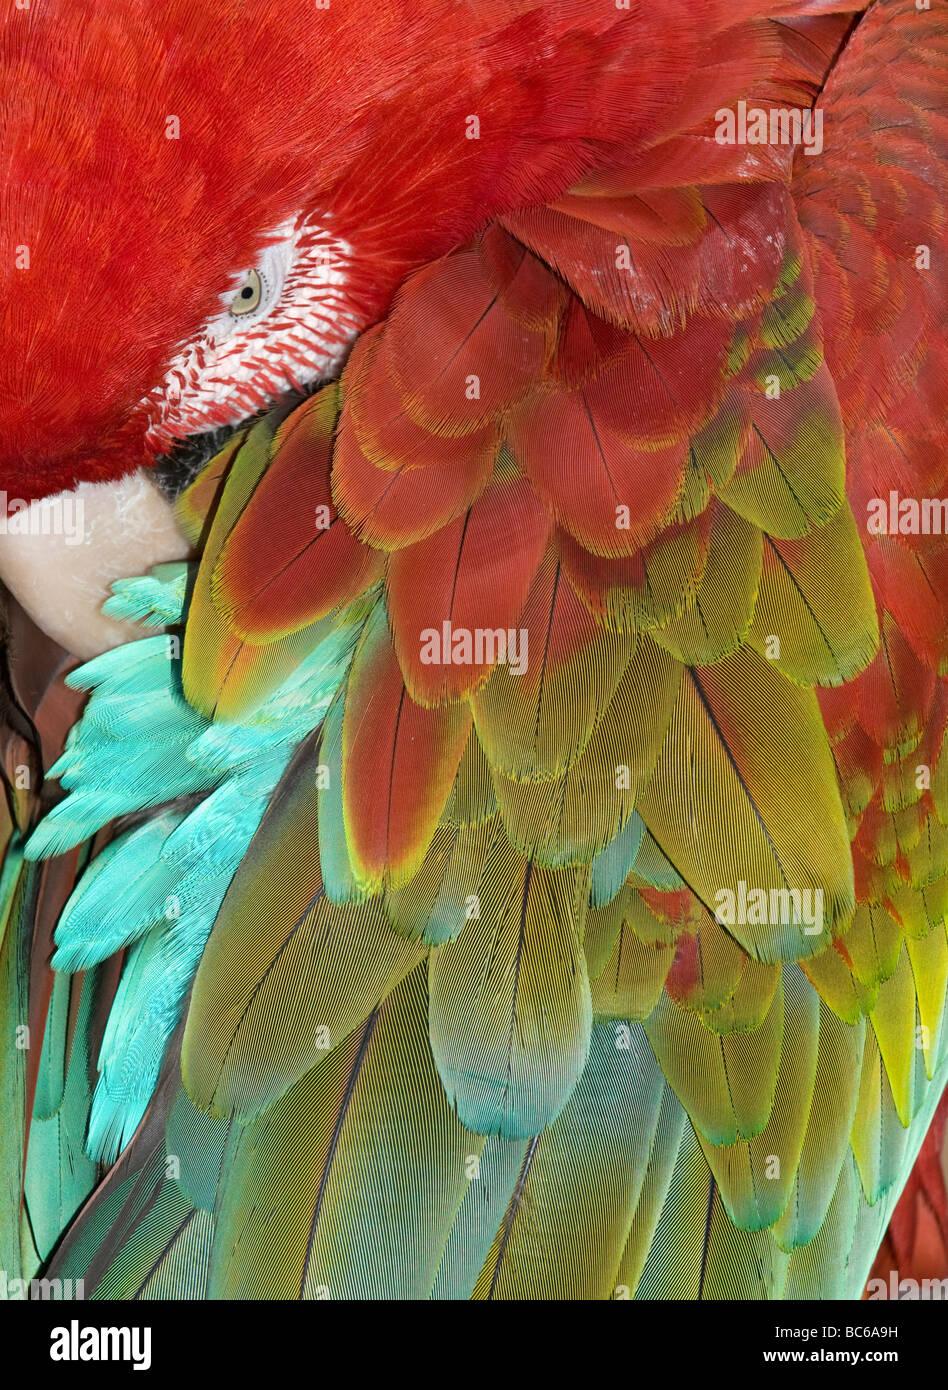 Rote und Grüne Aras (Ara Chloroptera) Schlafsack, Detail der Federn Stockbild